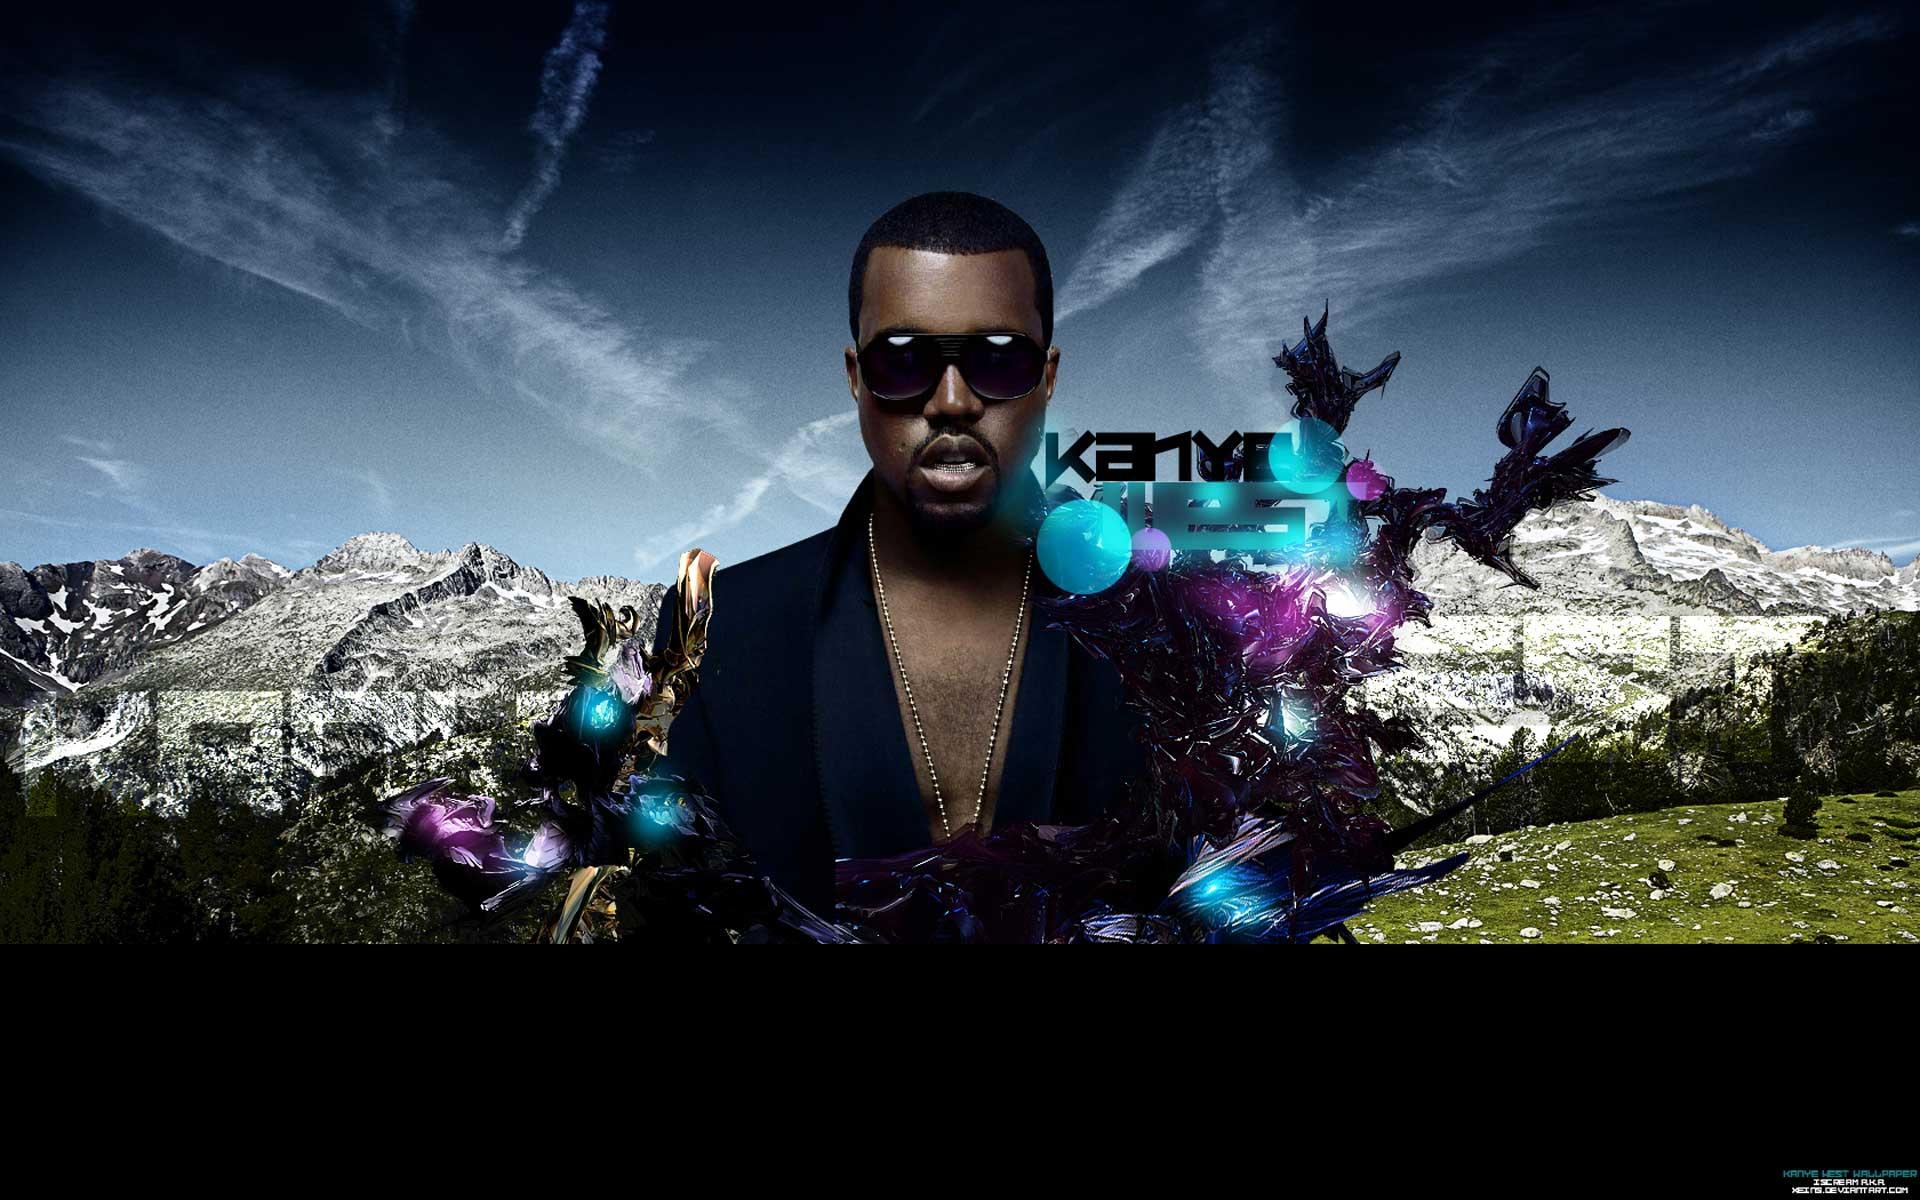 Hot Kanye West - Hot Kanye West